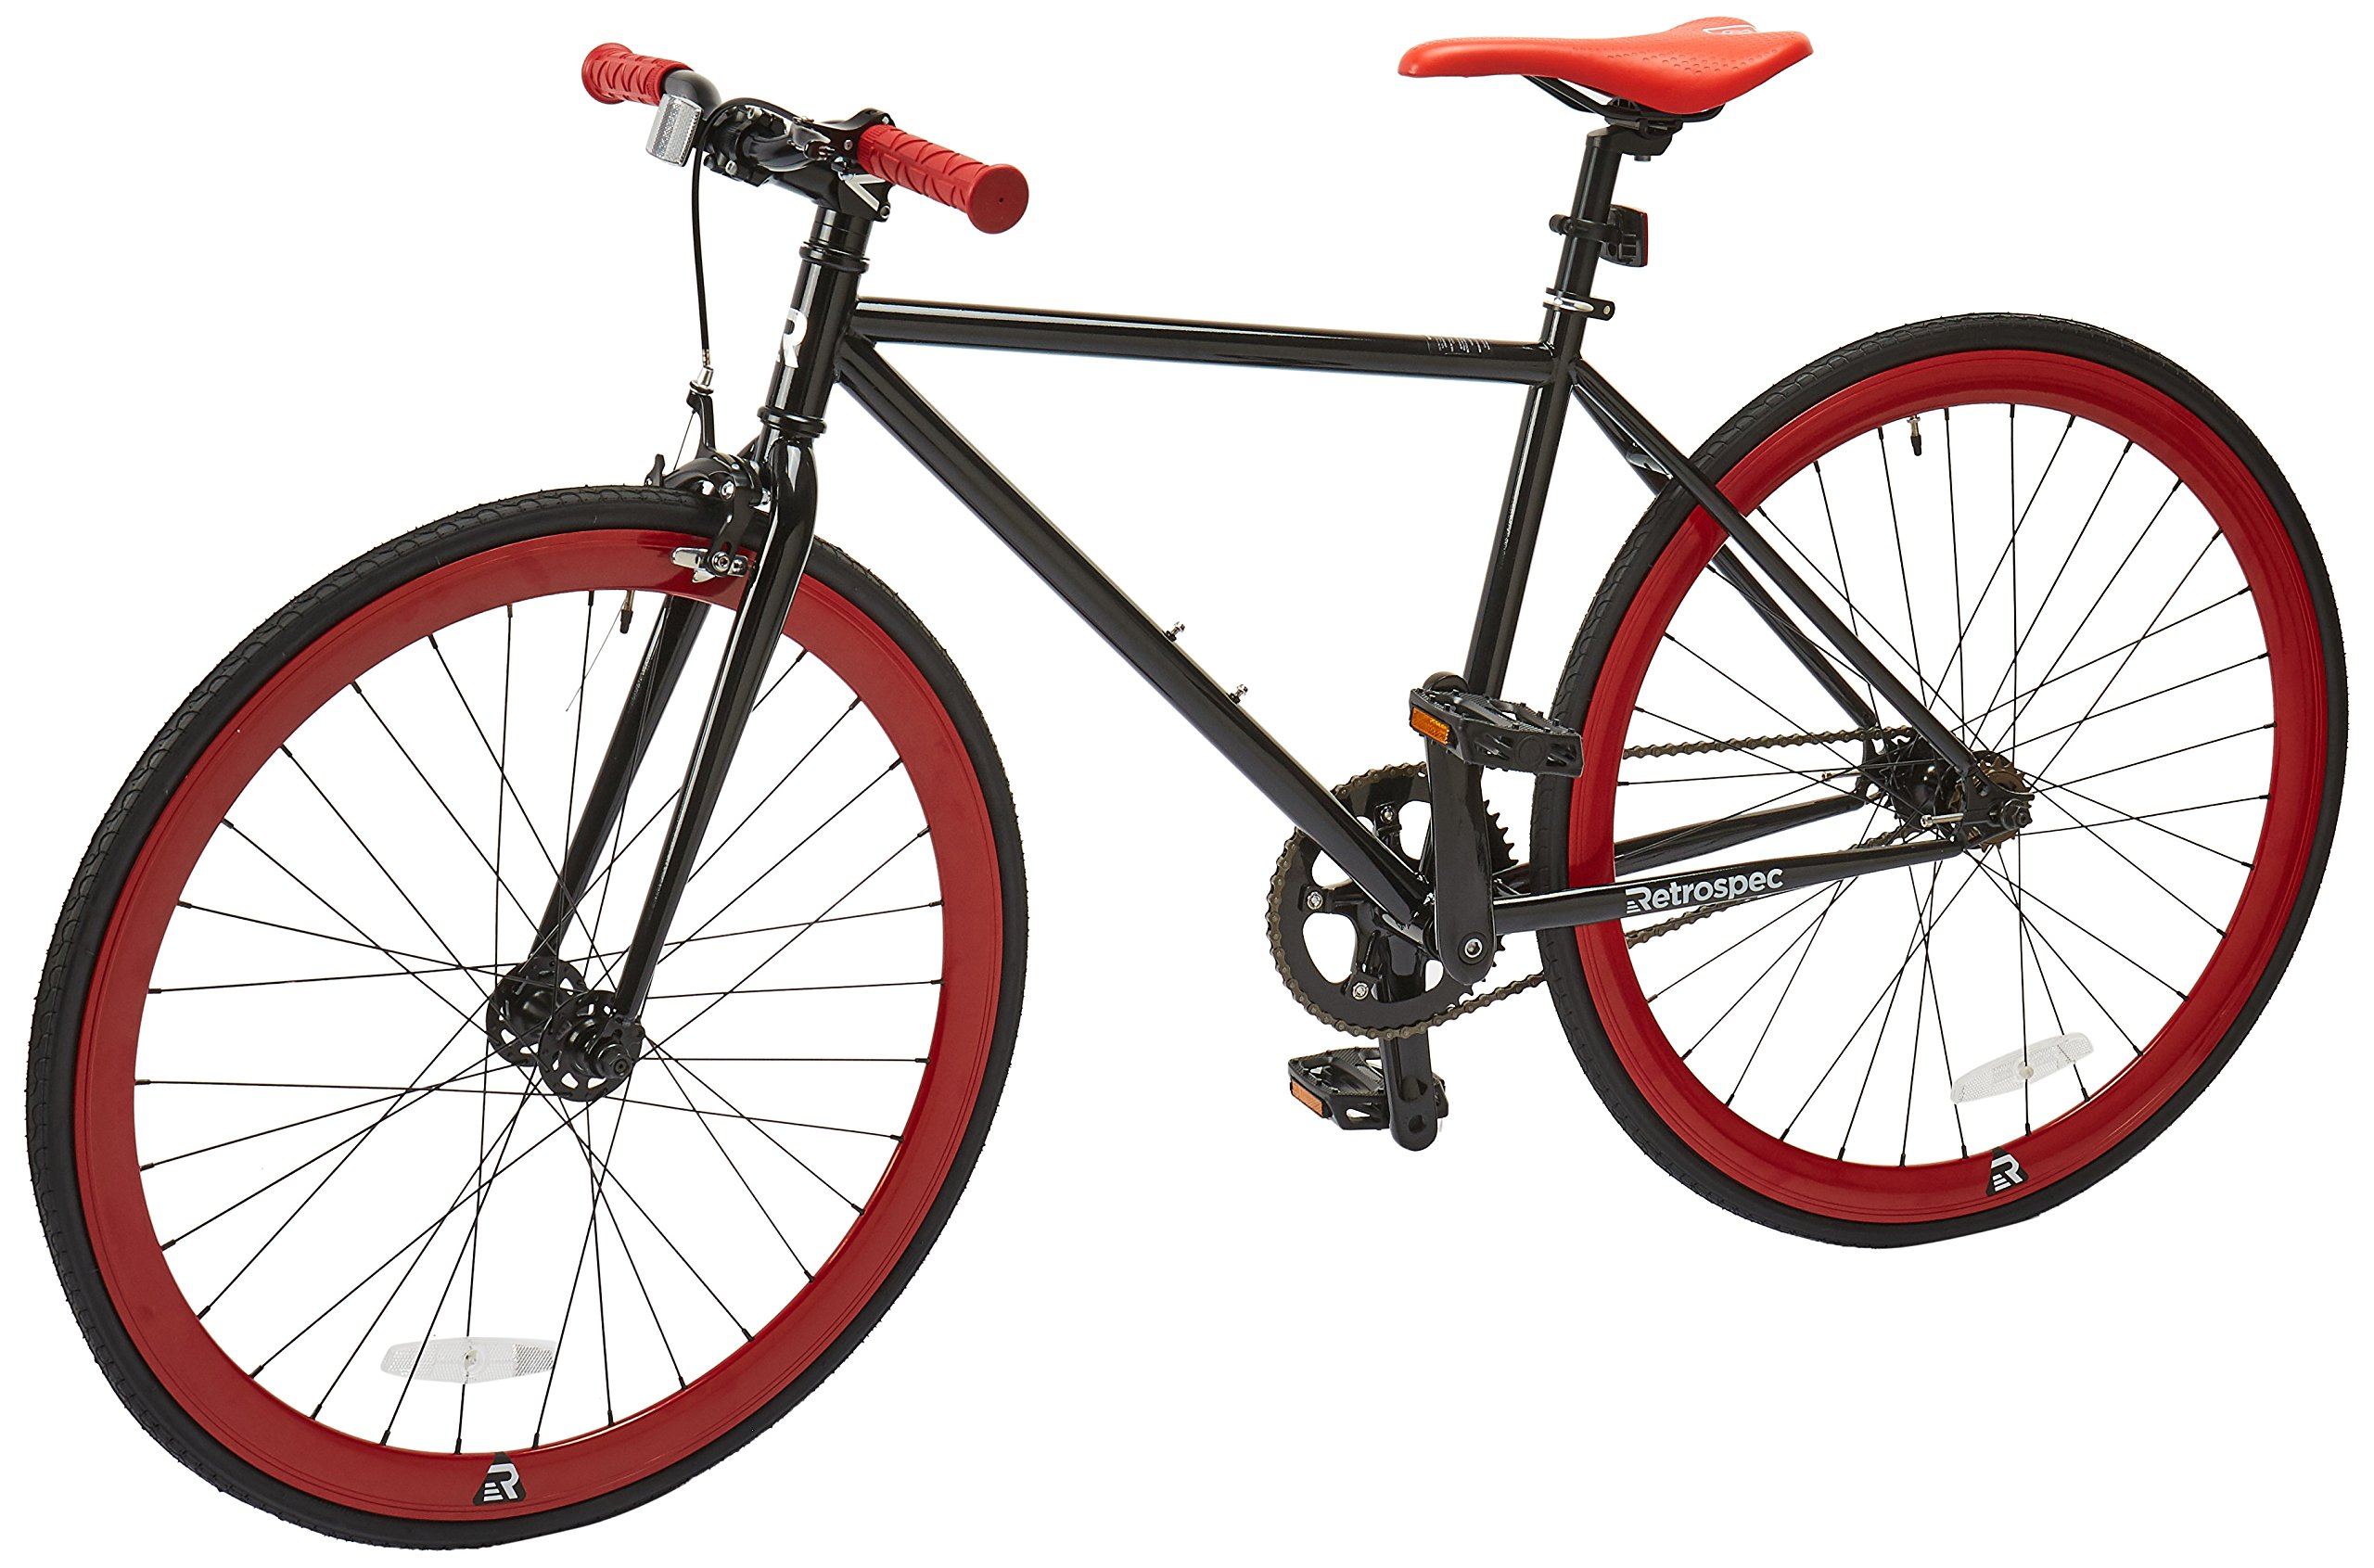 Retrospec Mantra Manillar de Bicicleta con rodamientos sellados ...